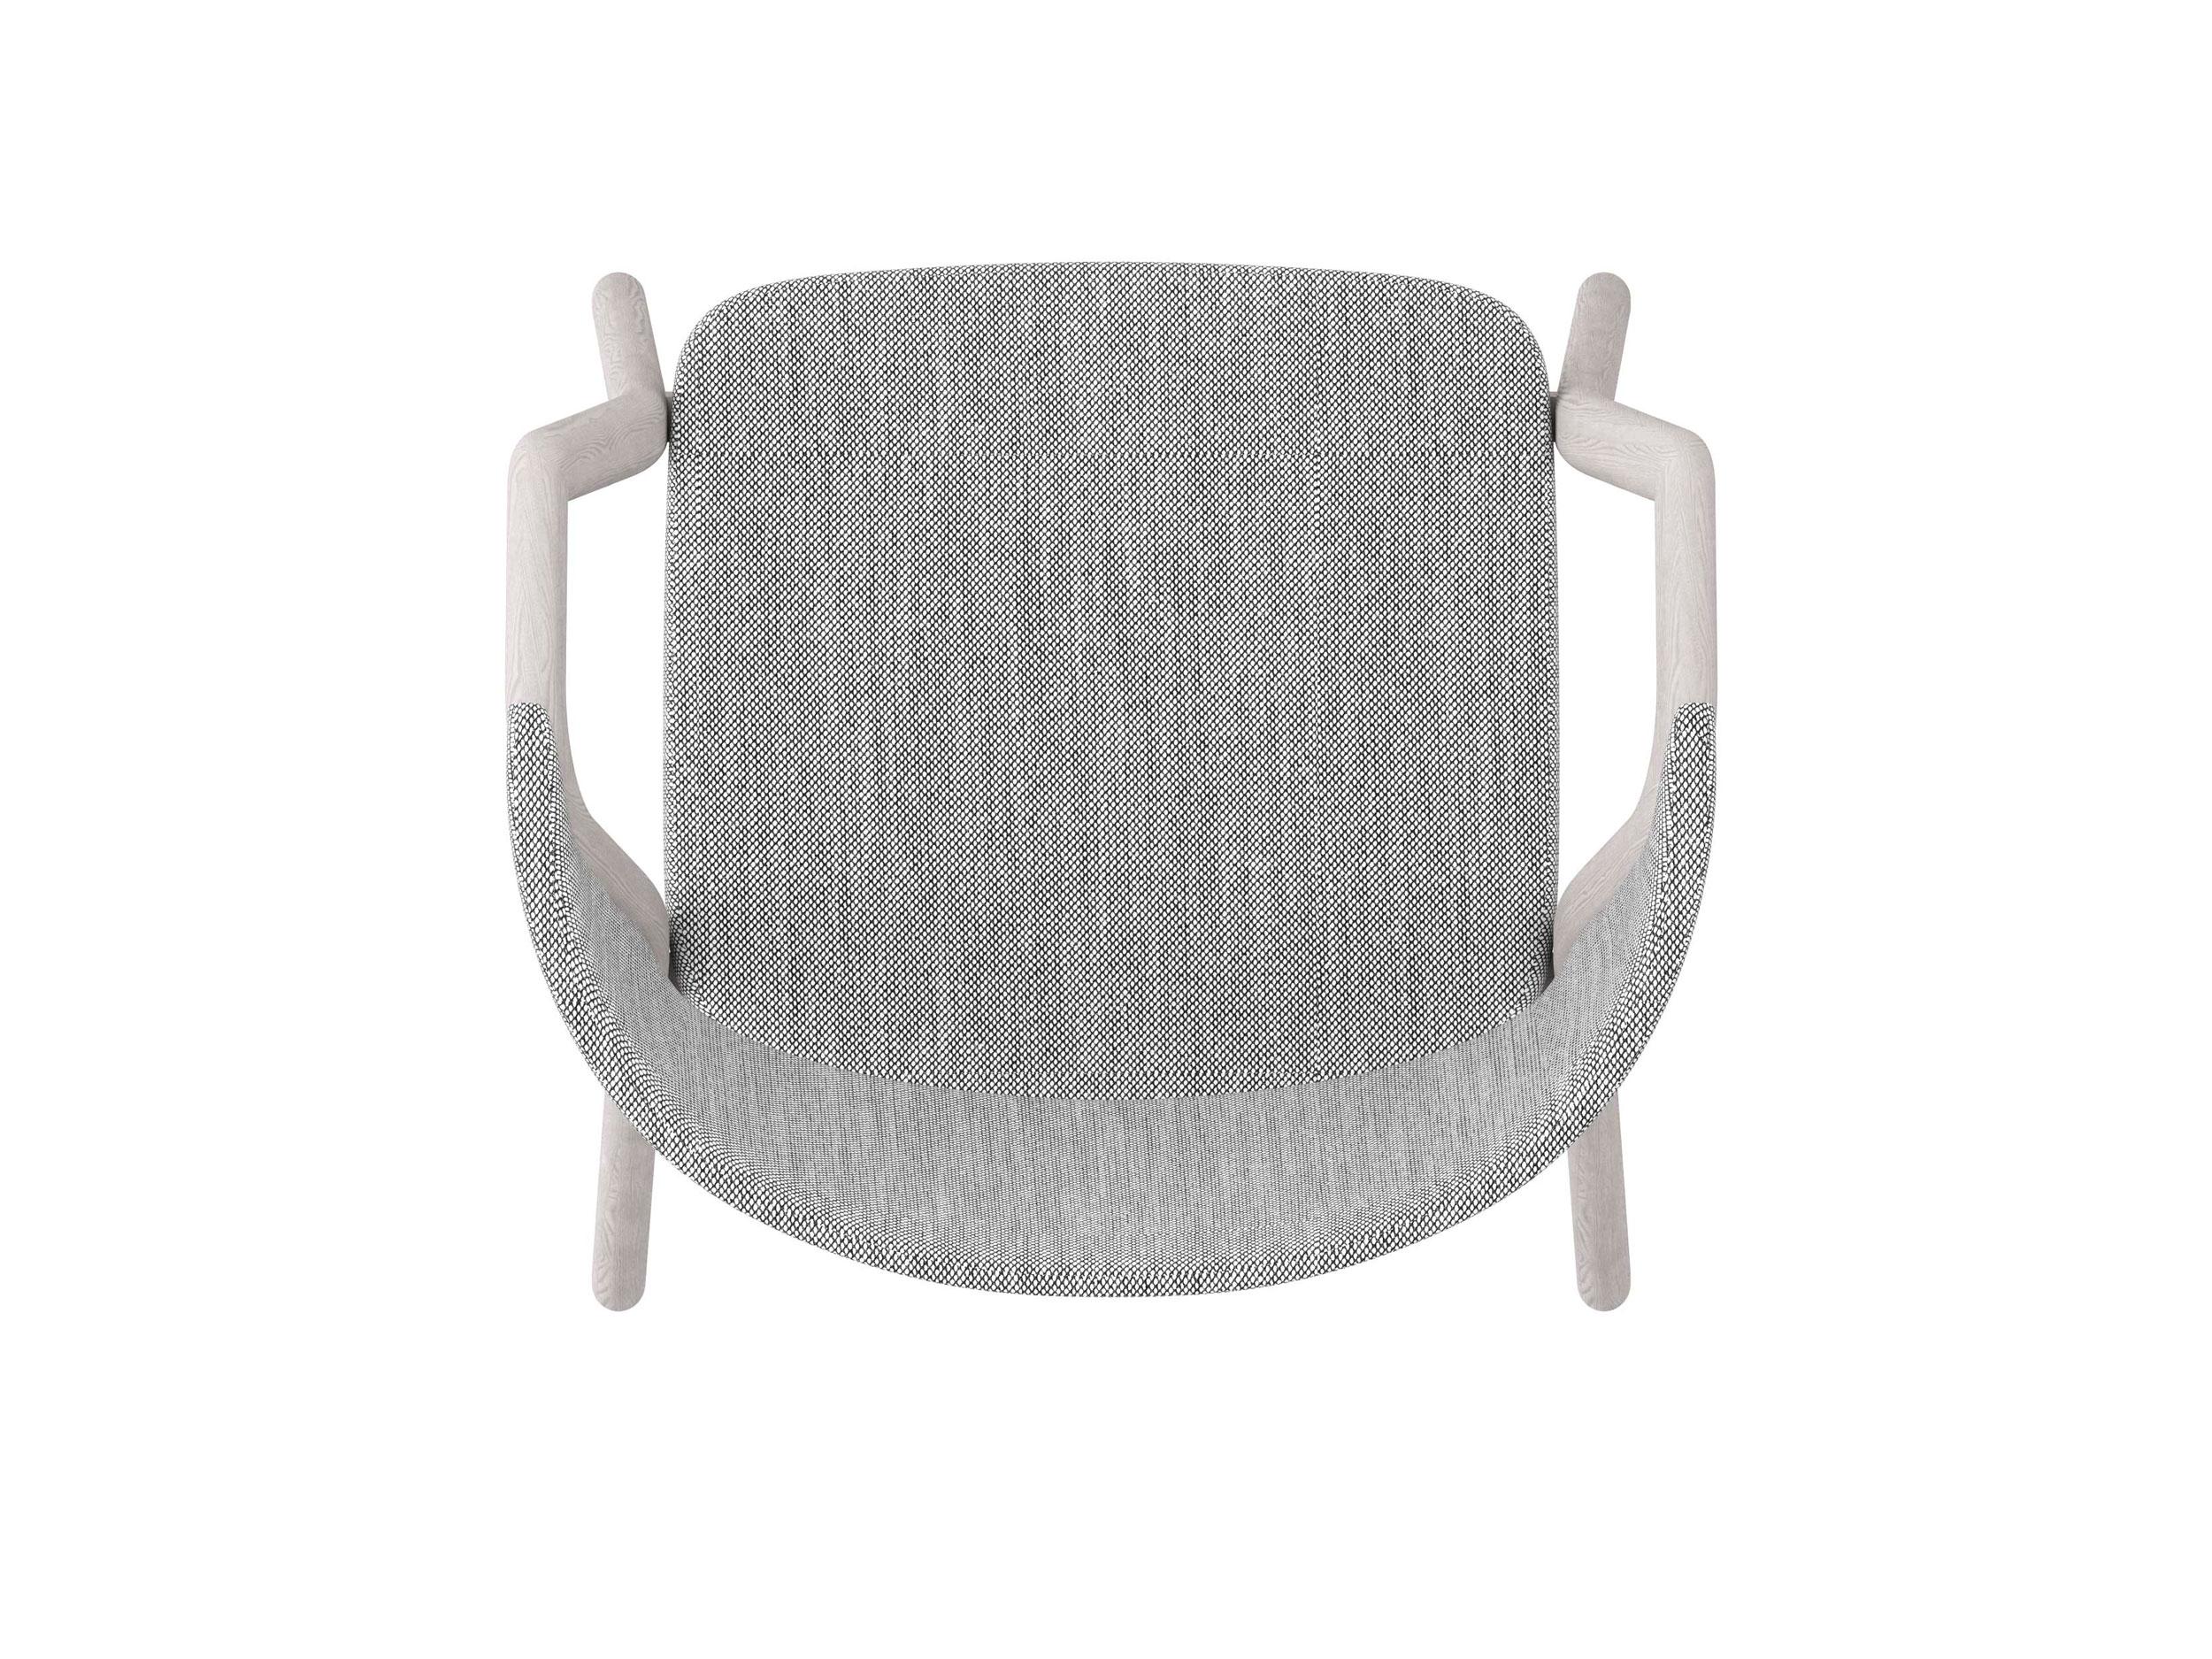 VERY_WOOD_CAMDEN_armchair_render_006_0000_web.jpg